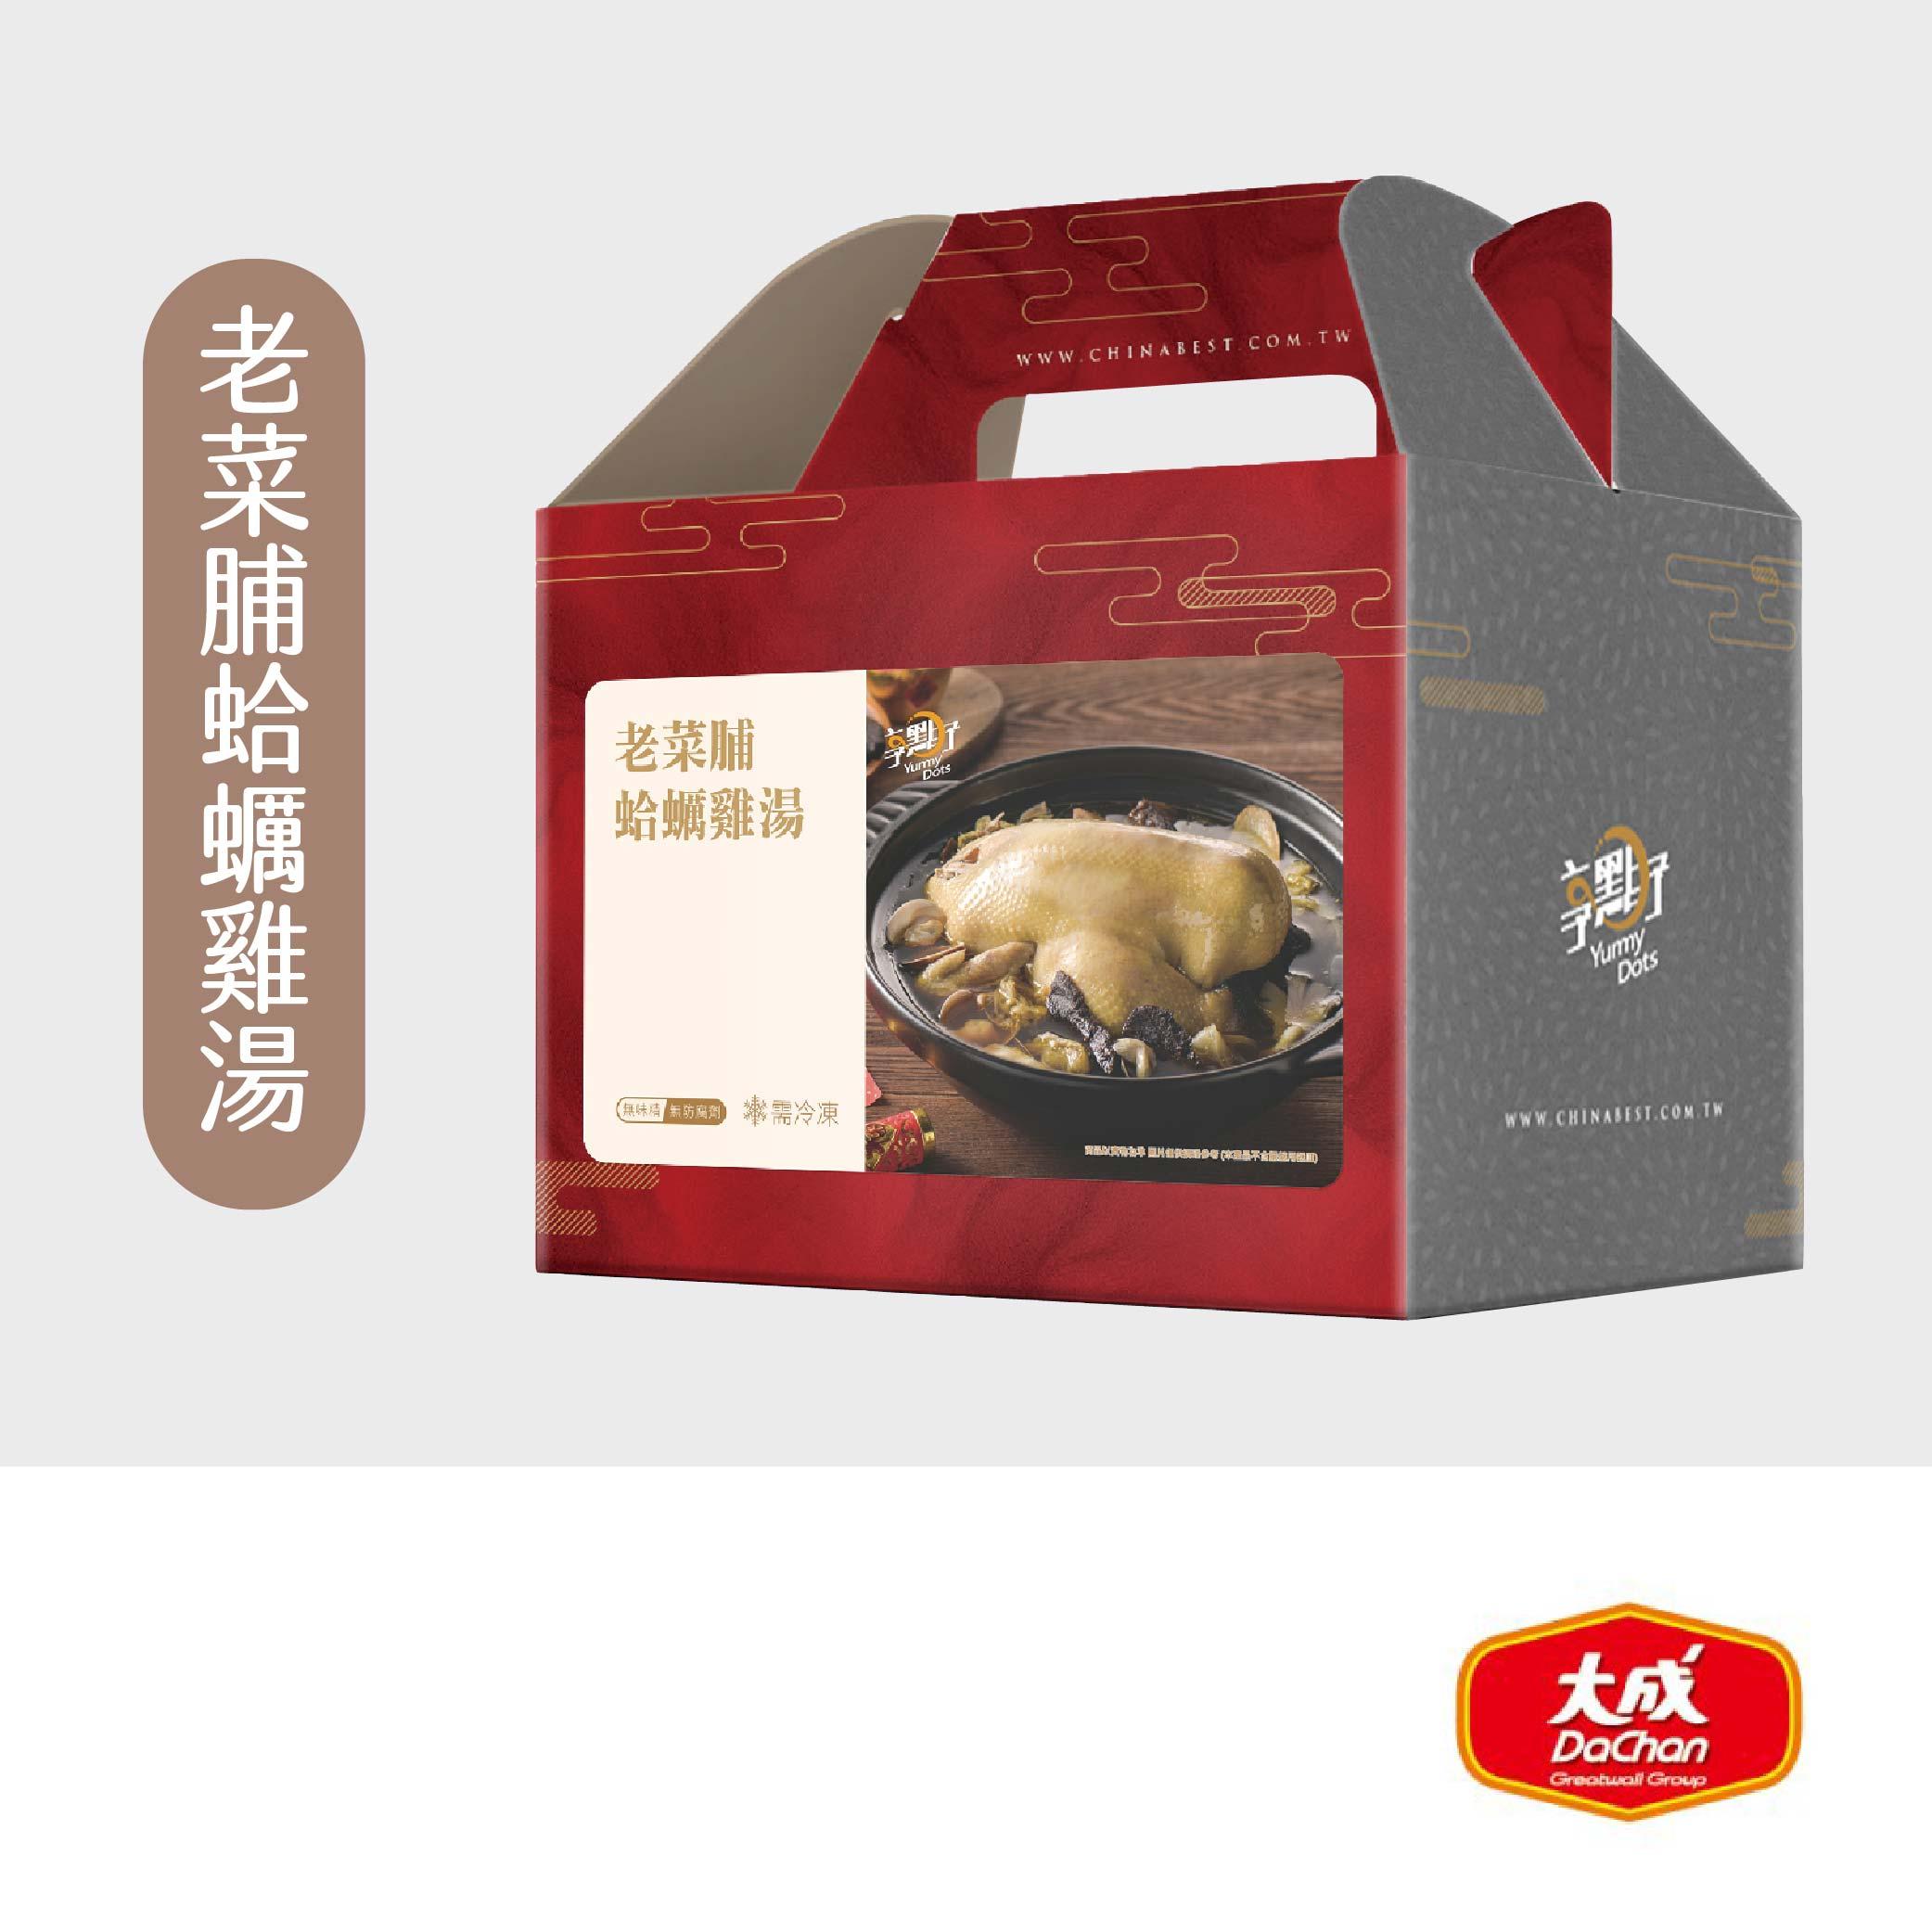 【大成x享點子】 老菜脯蛤蠣雞湯禮盒(2600g/盒) 免熬煮加熱即食